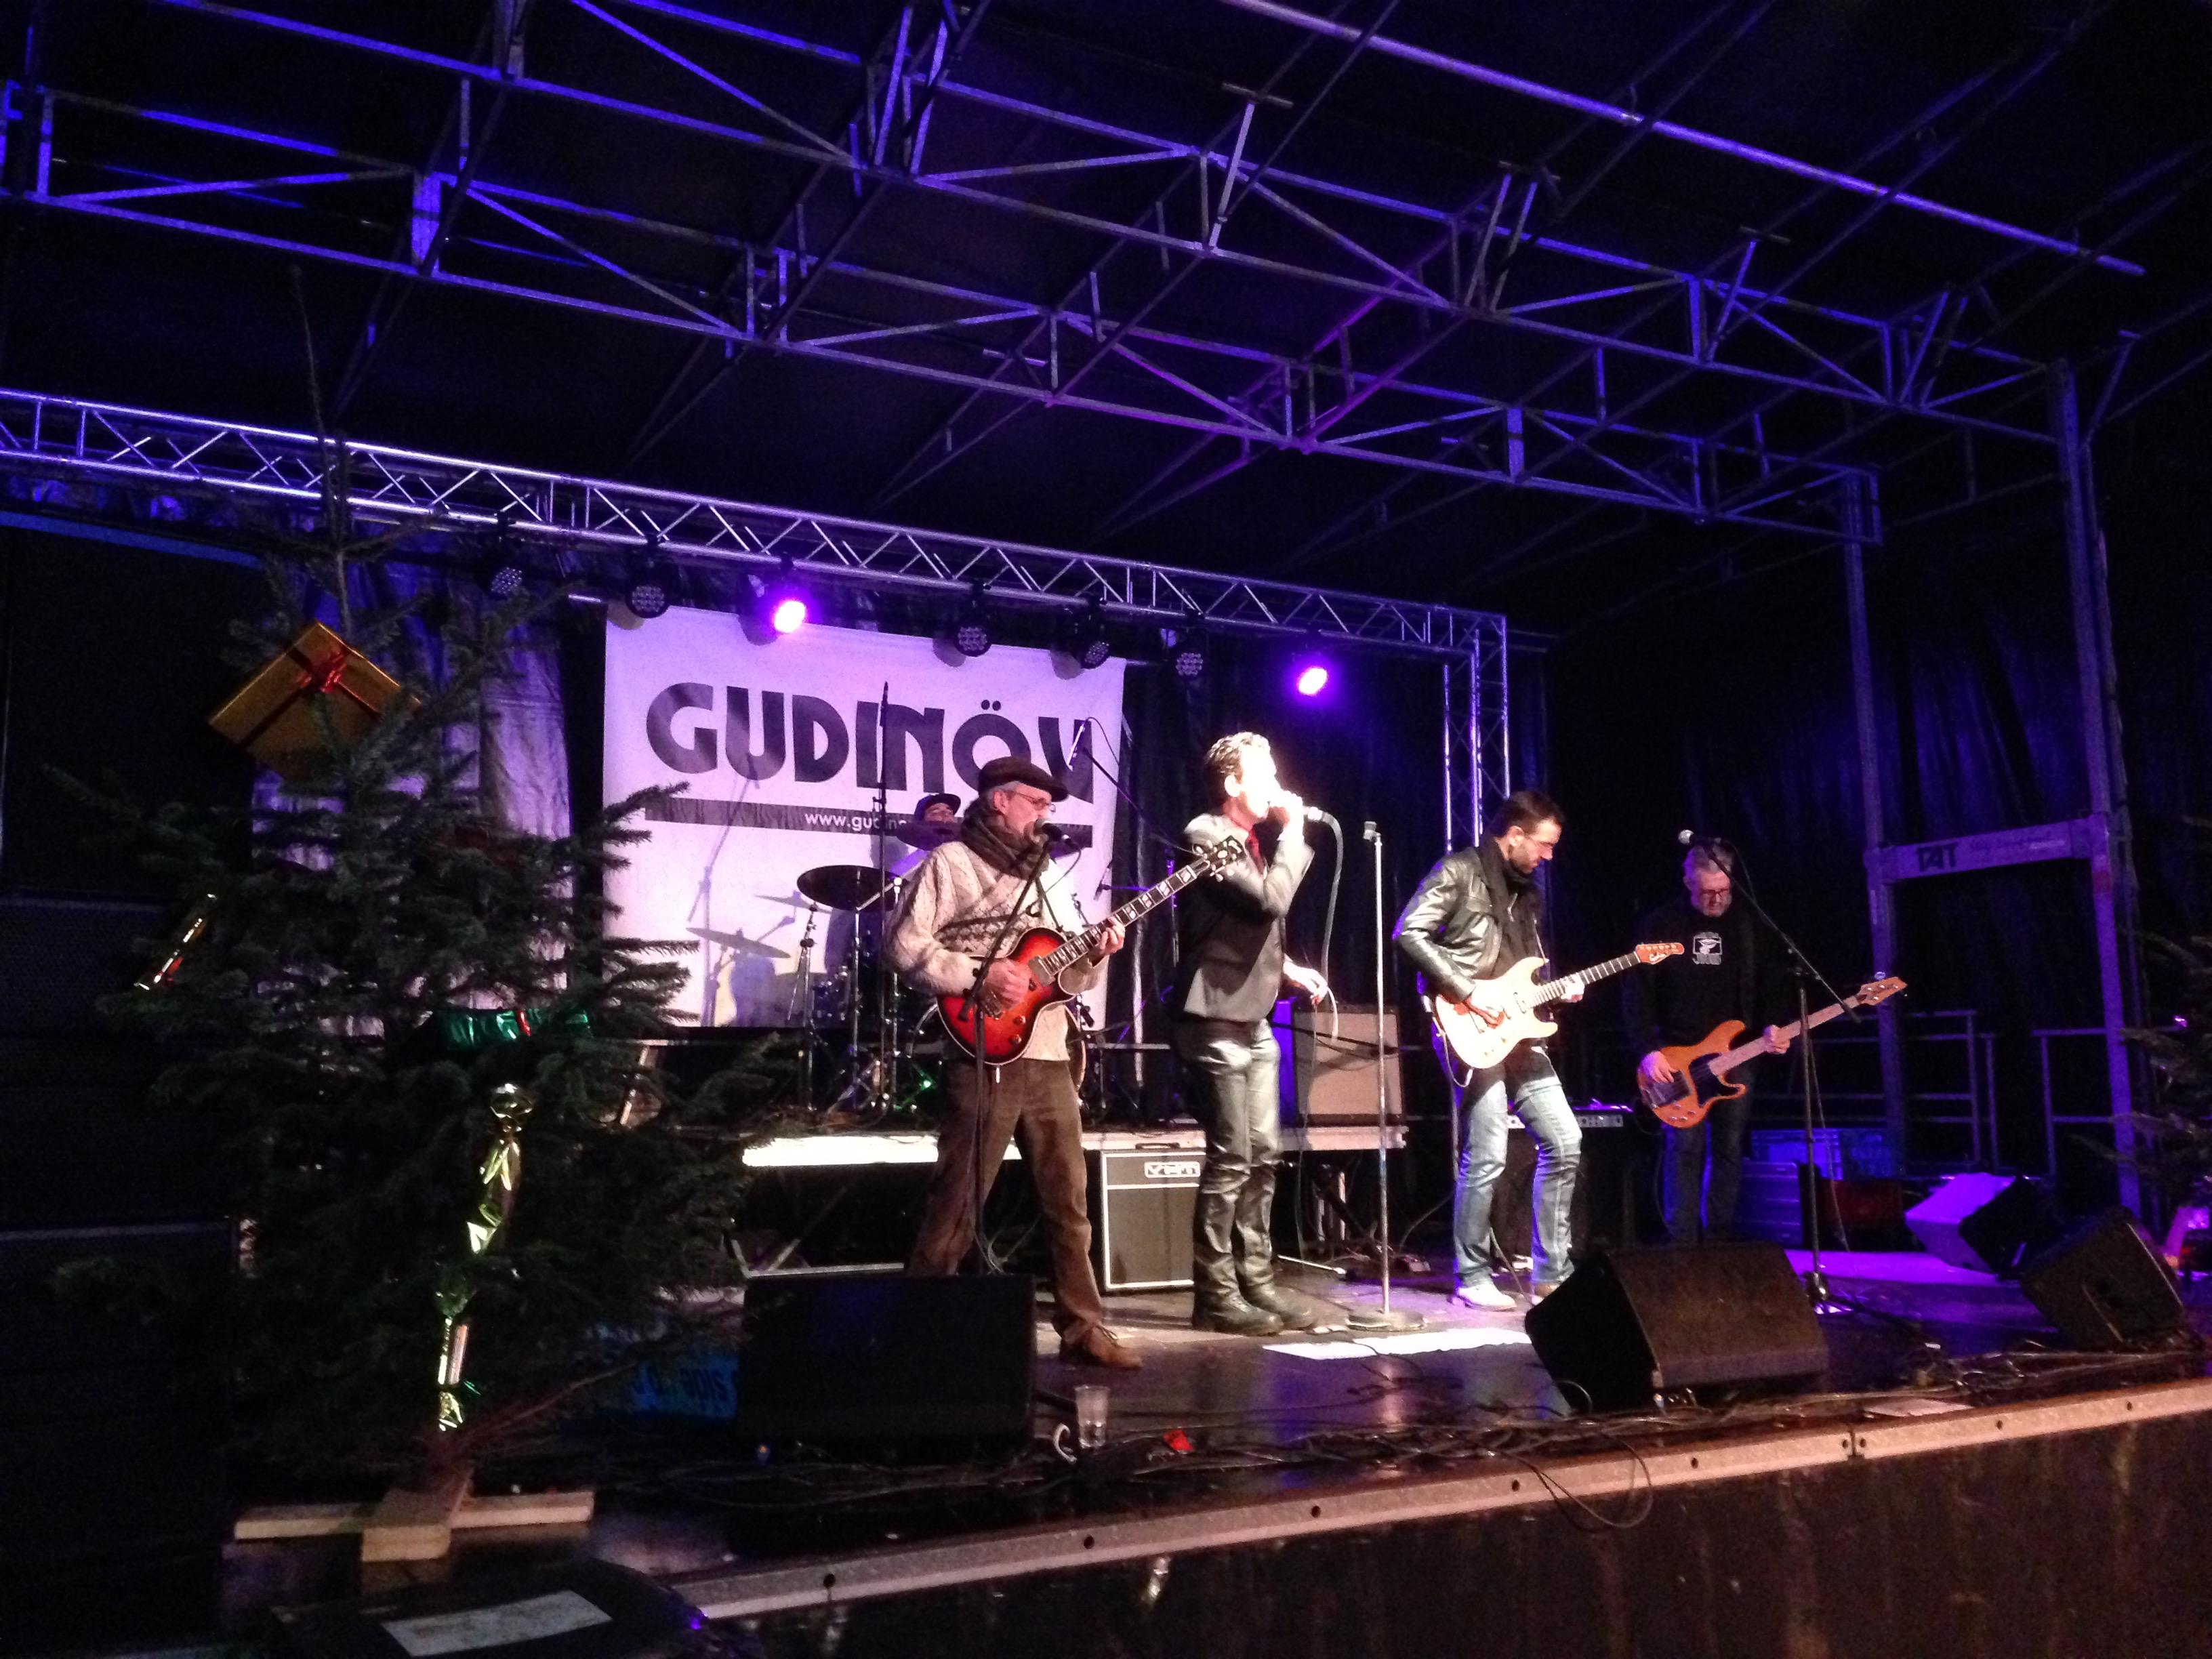 Gudinöv stal de show voor het Glazen Huis.